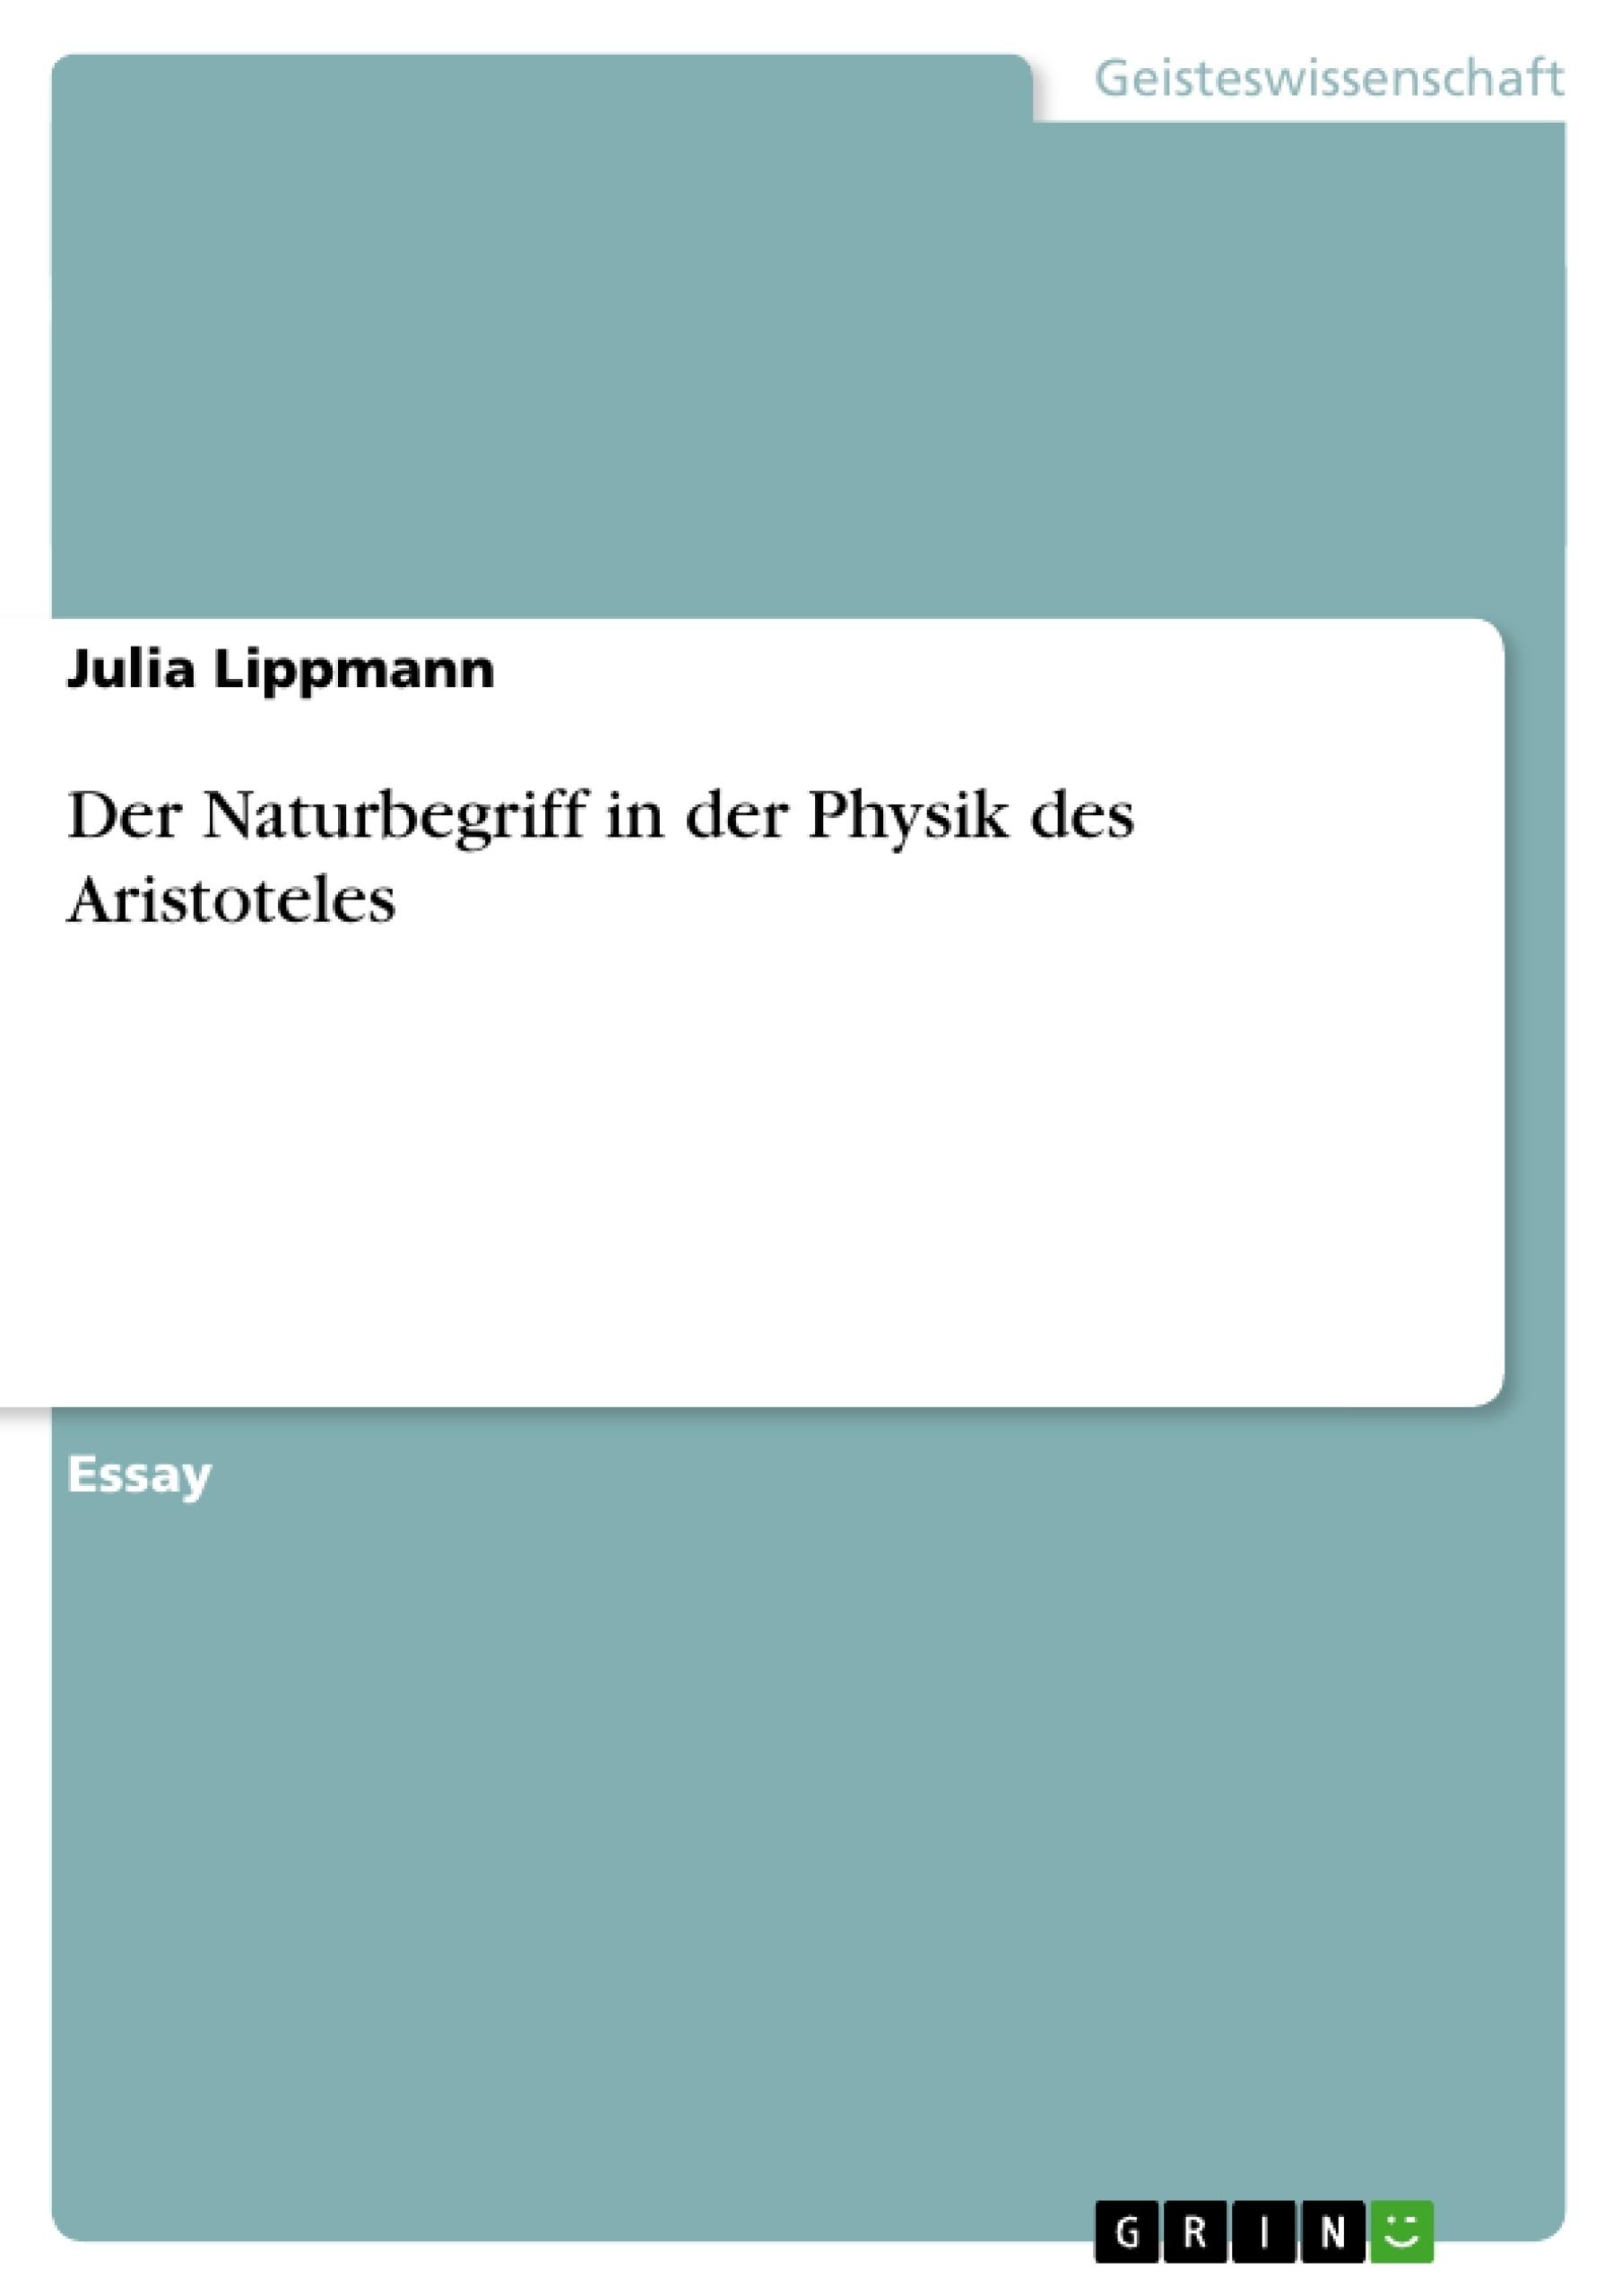 Titel: Der Naturbegriff in der Physik des Aristoteles